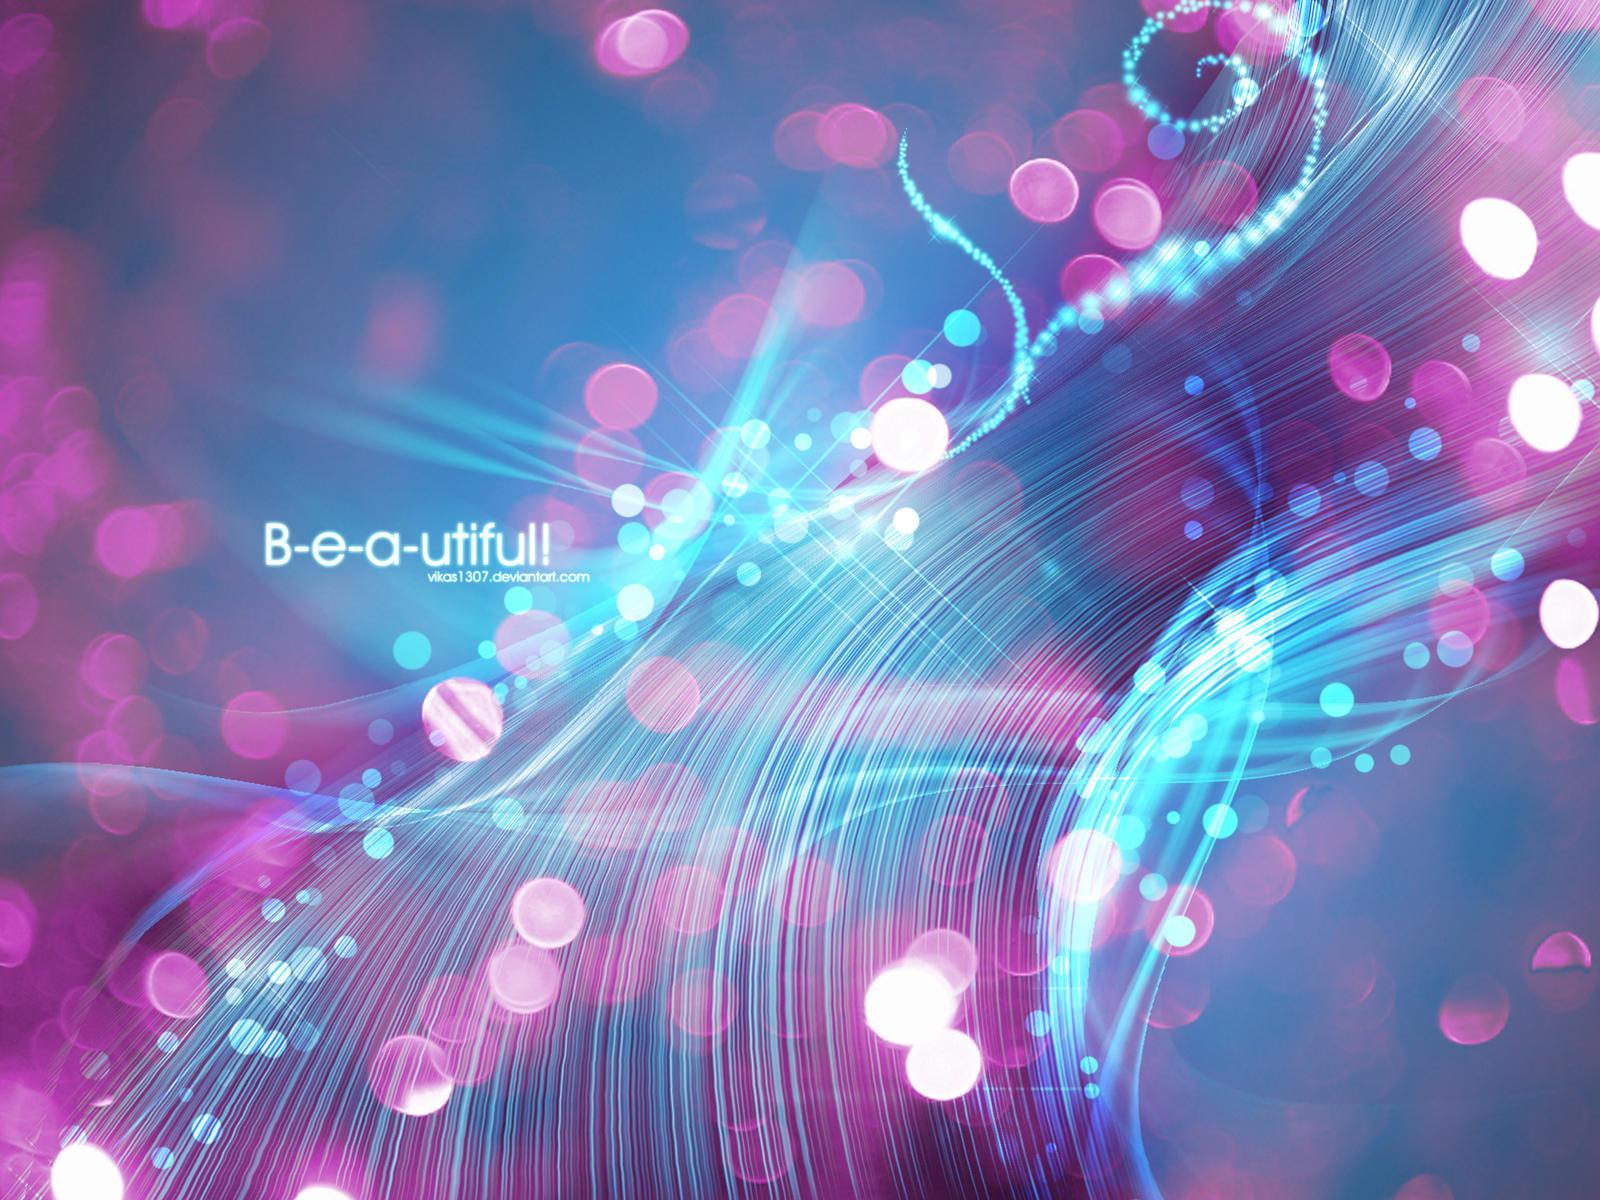 ...:: B-e-a-utiful ::..